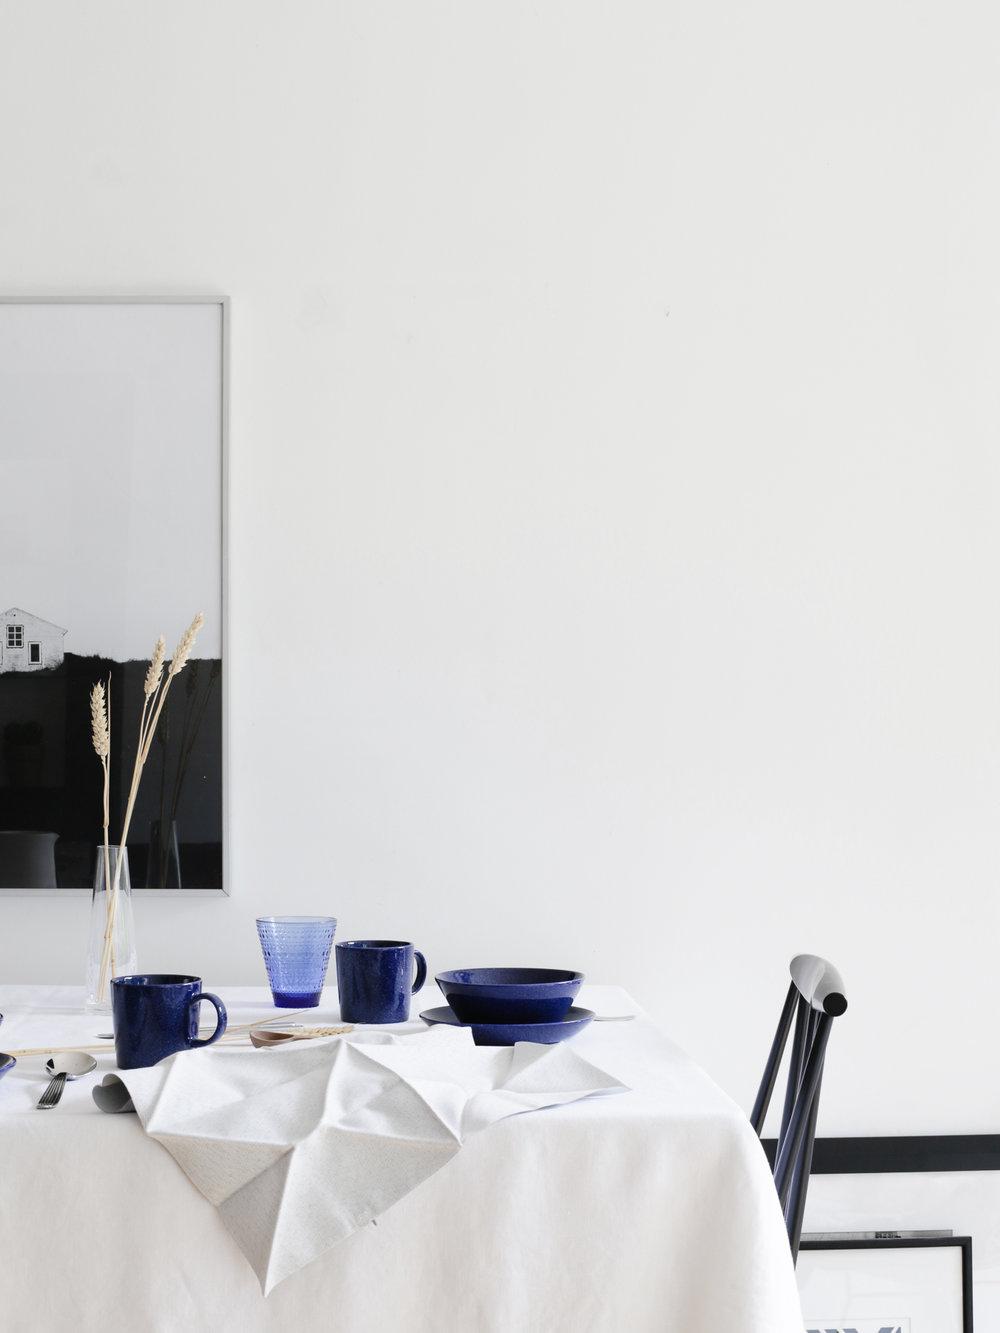 iittala Teema tableware in blue | Design Hunter